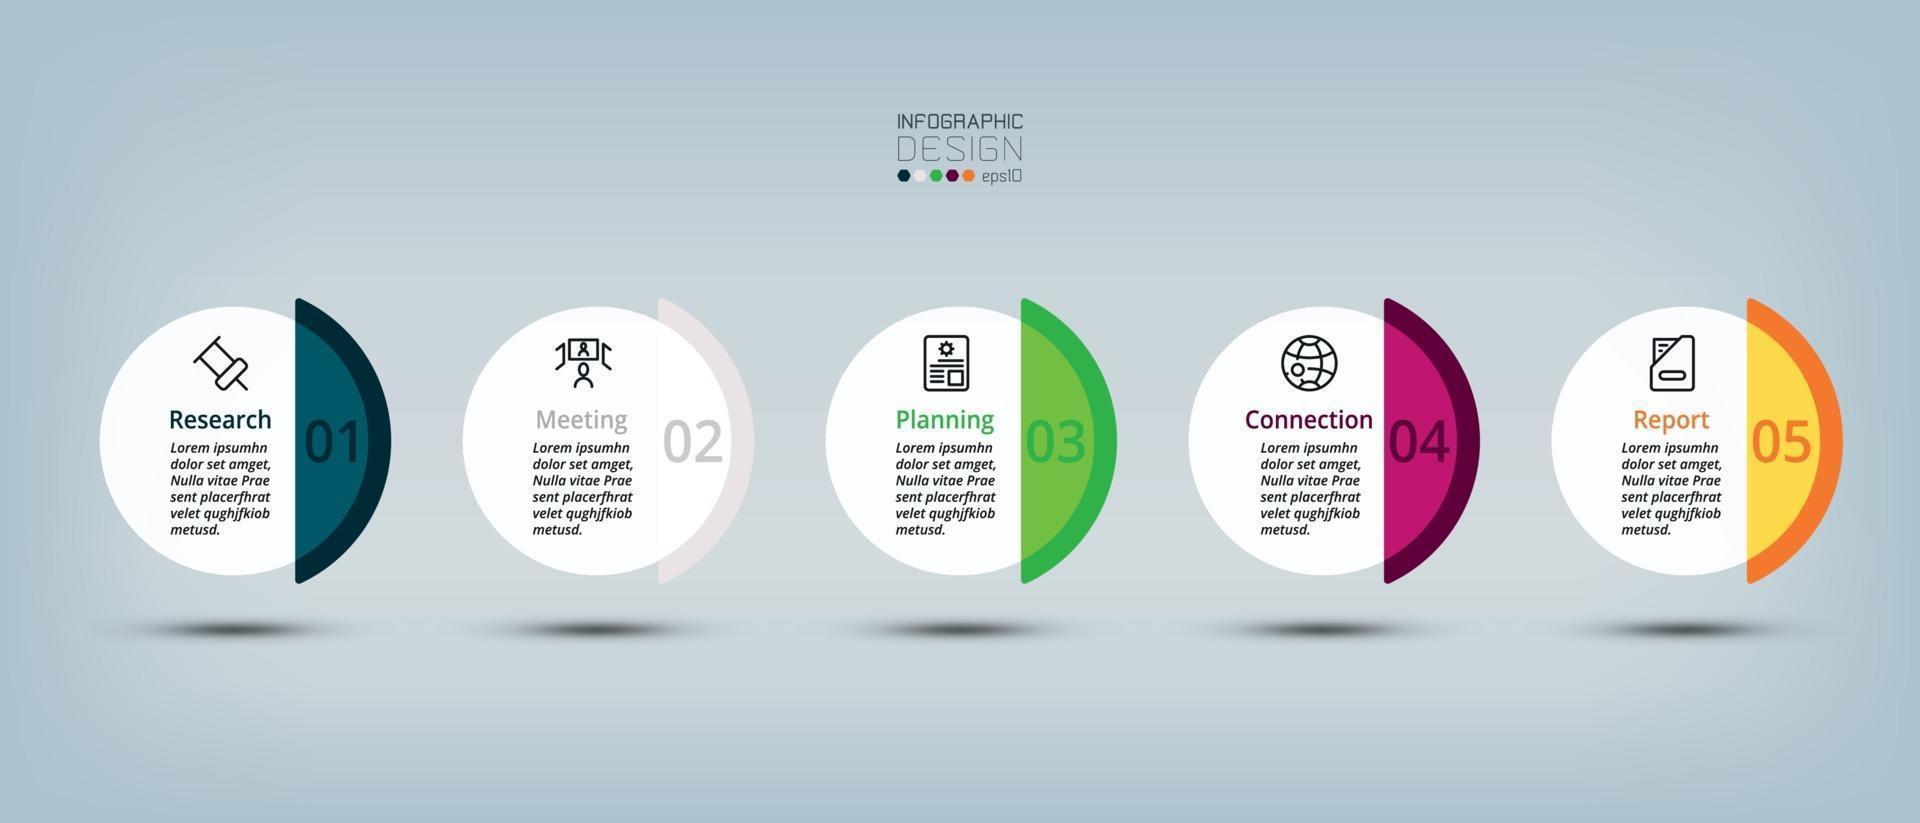 il cerchio a 5 gradini con un'ampia gamma di colori può essere utilizzato per molteplici attività come mezzi pubblicitari, progettazione e pianificazione aziendale. vettore infografica.